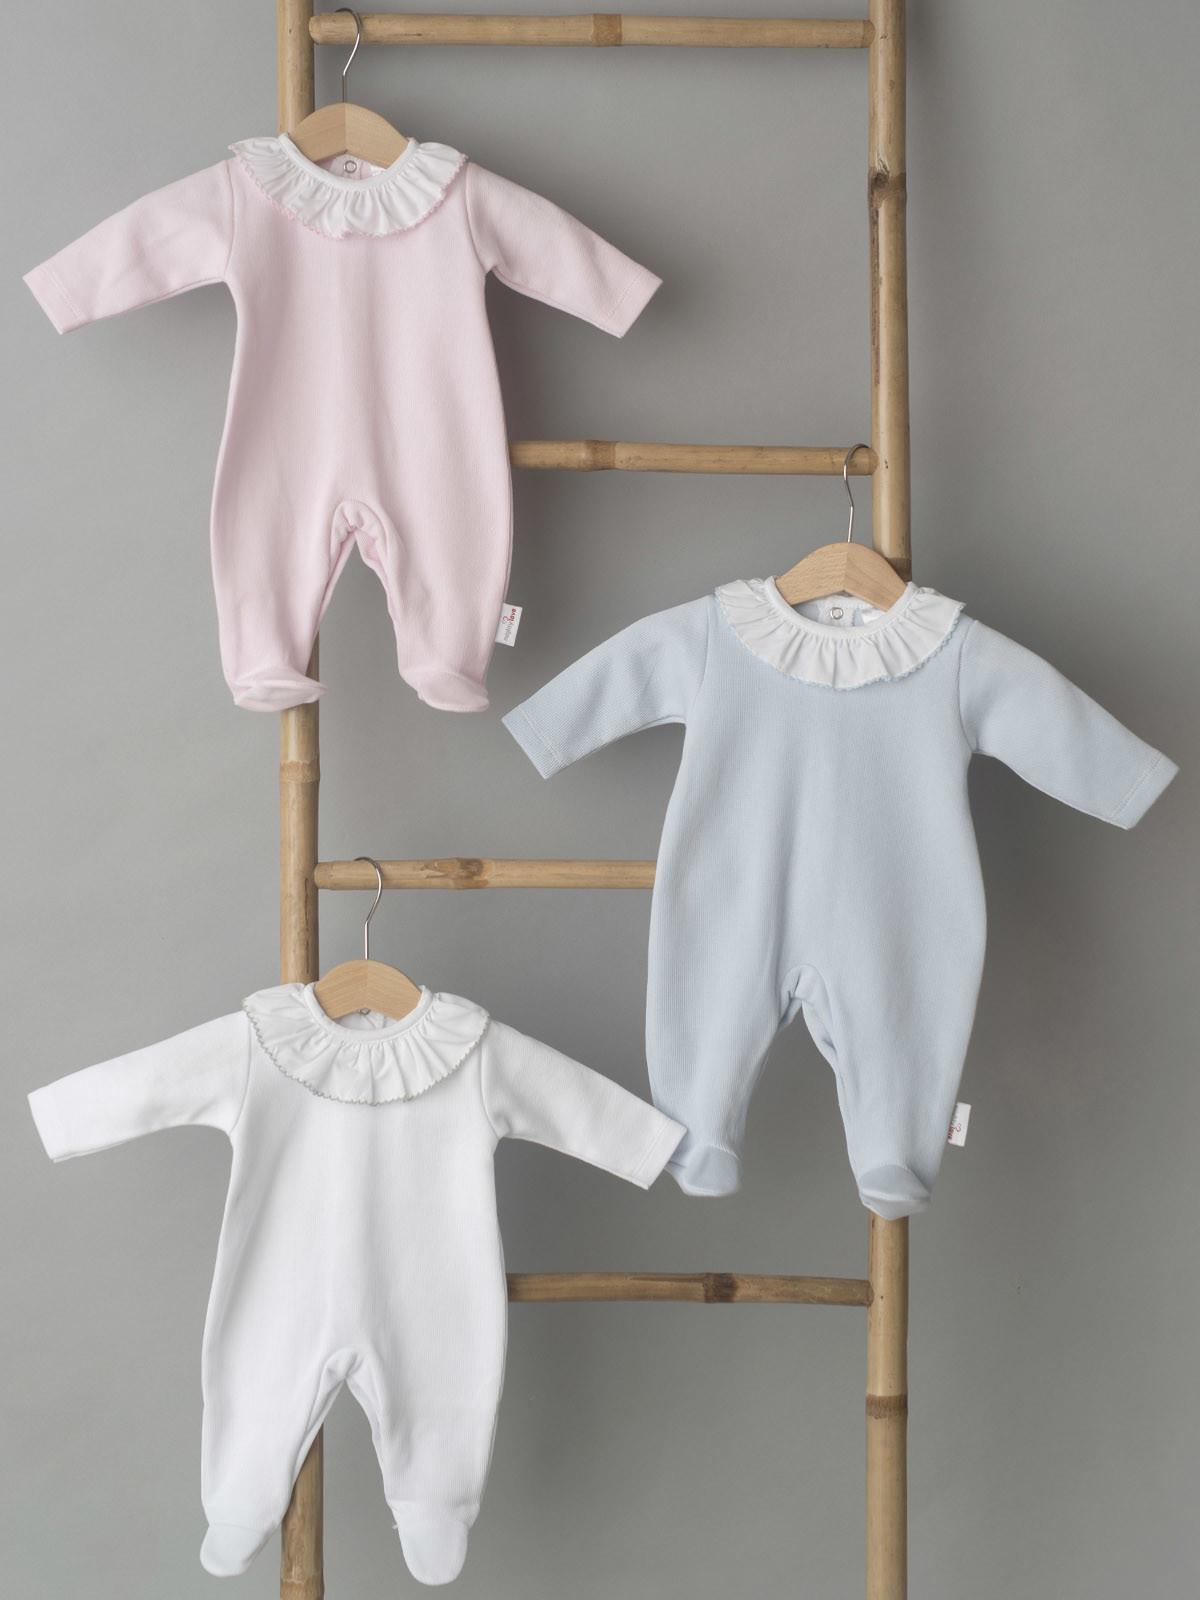 Babygrow azul cardado 100% algodão para bebé menino Gola folho com renda roupa de bebe online moon baby shop